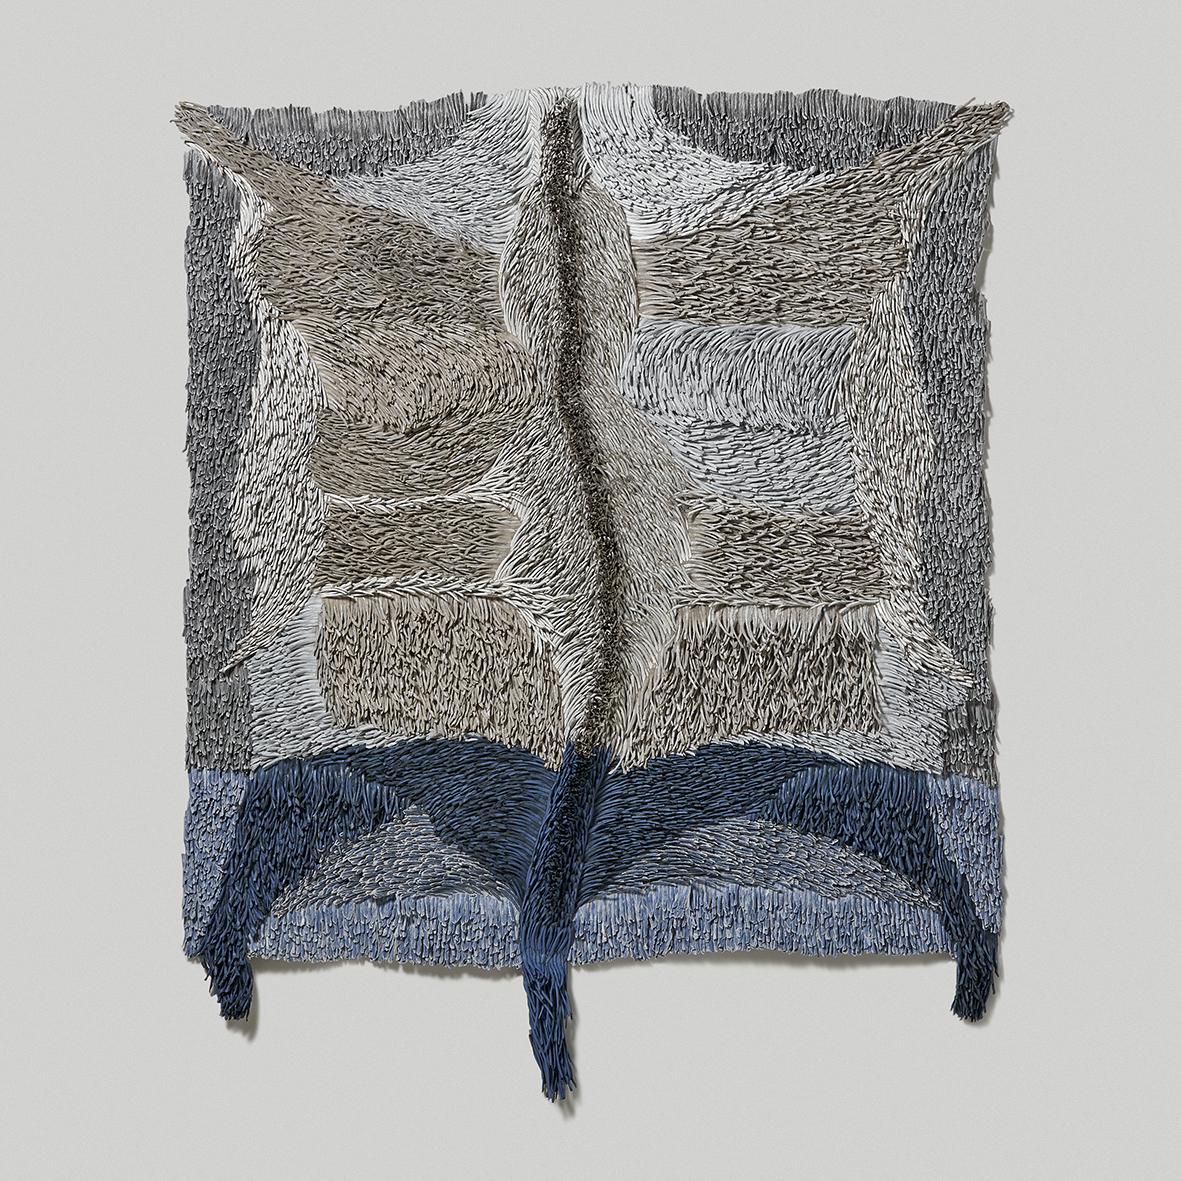 Bianca Severijns - 2018 - protective Blanket 2-5